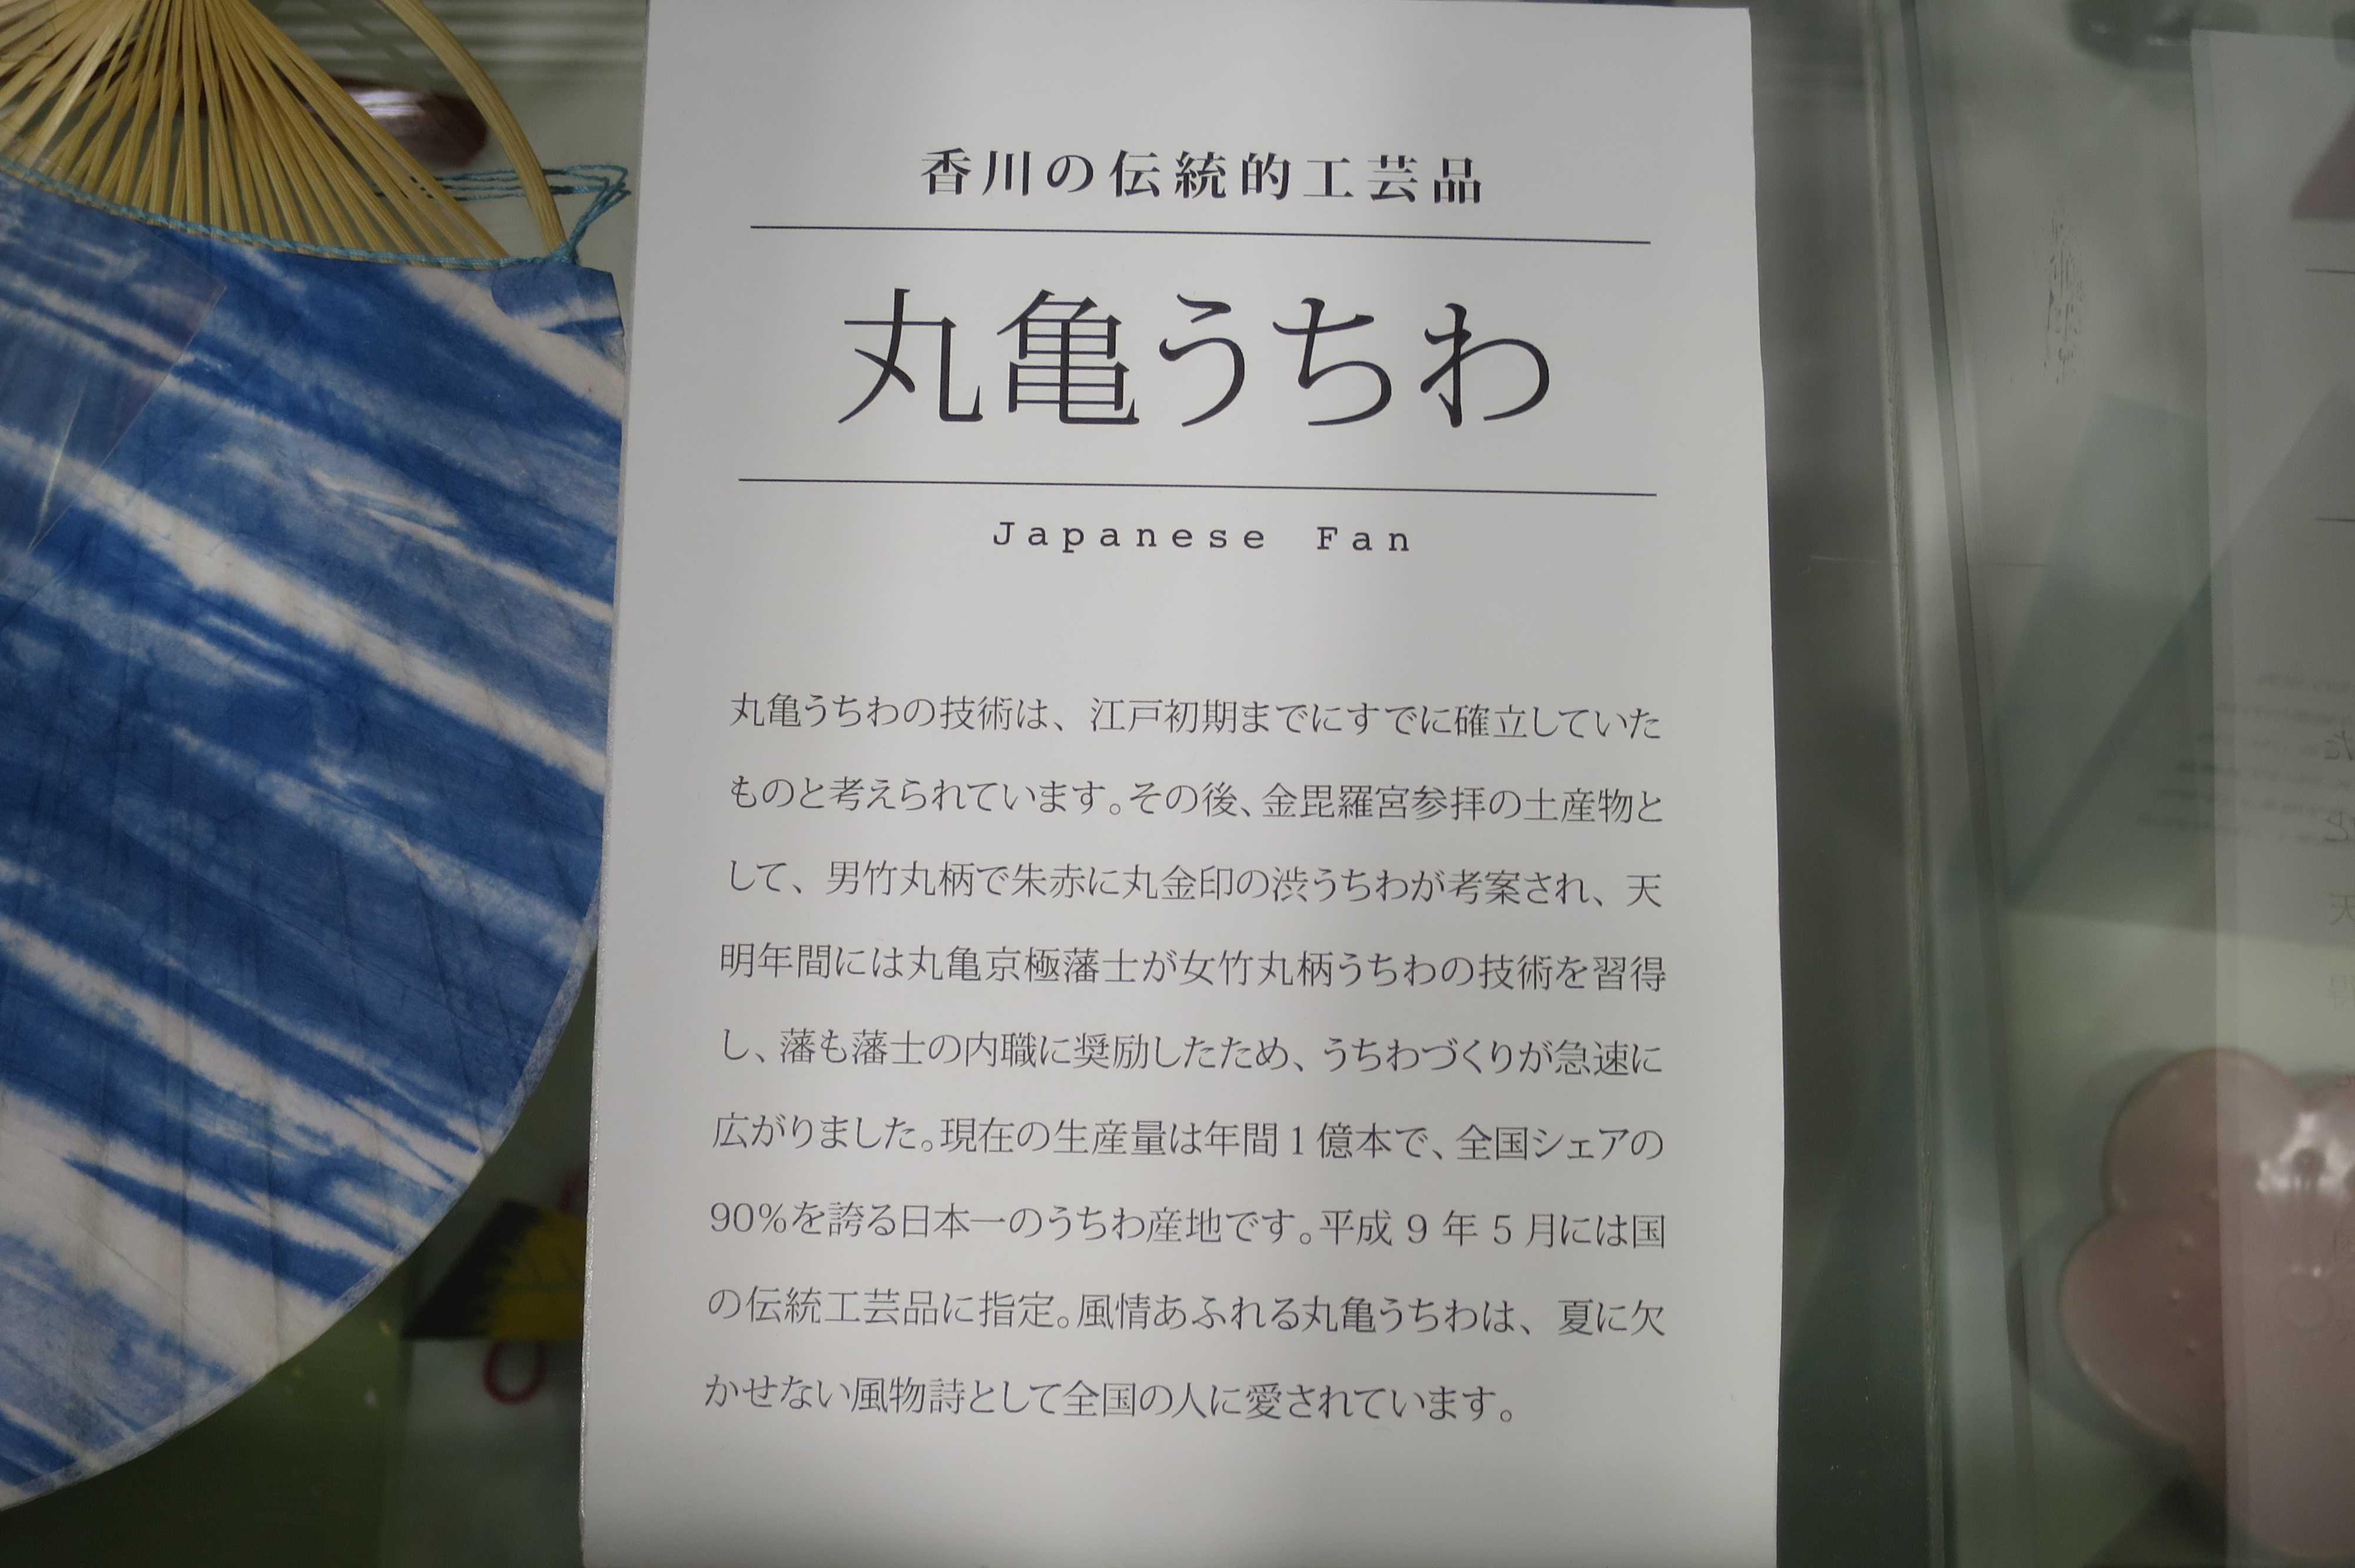 香川の伝統的工芸品 丸亀うちわ